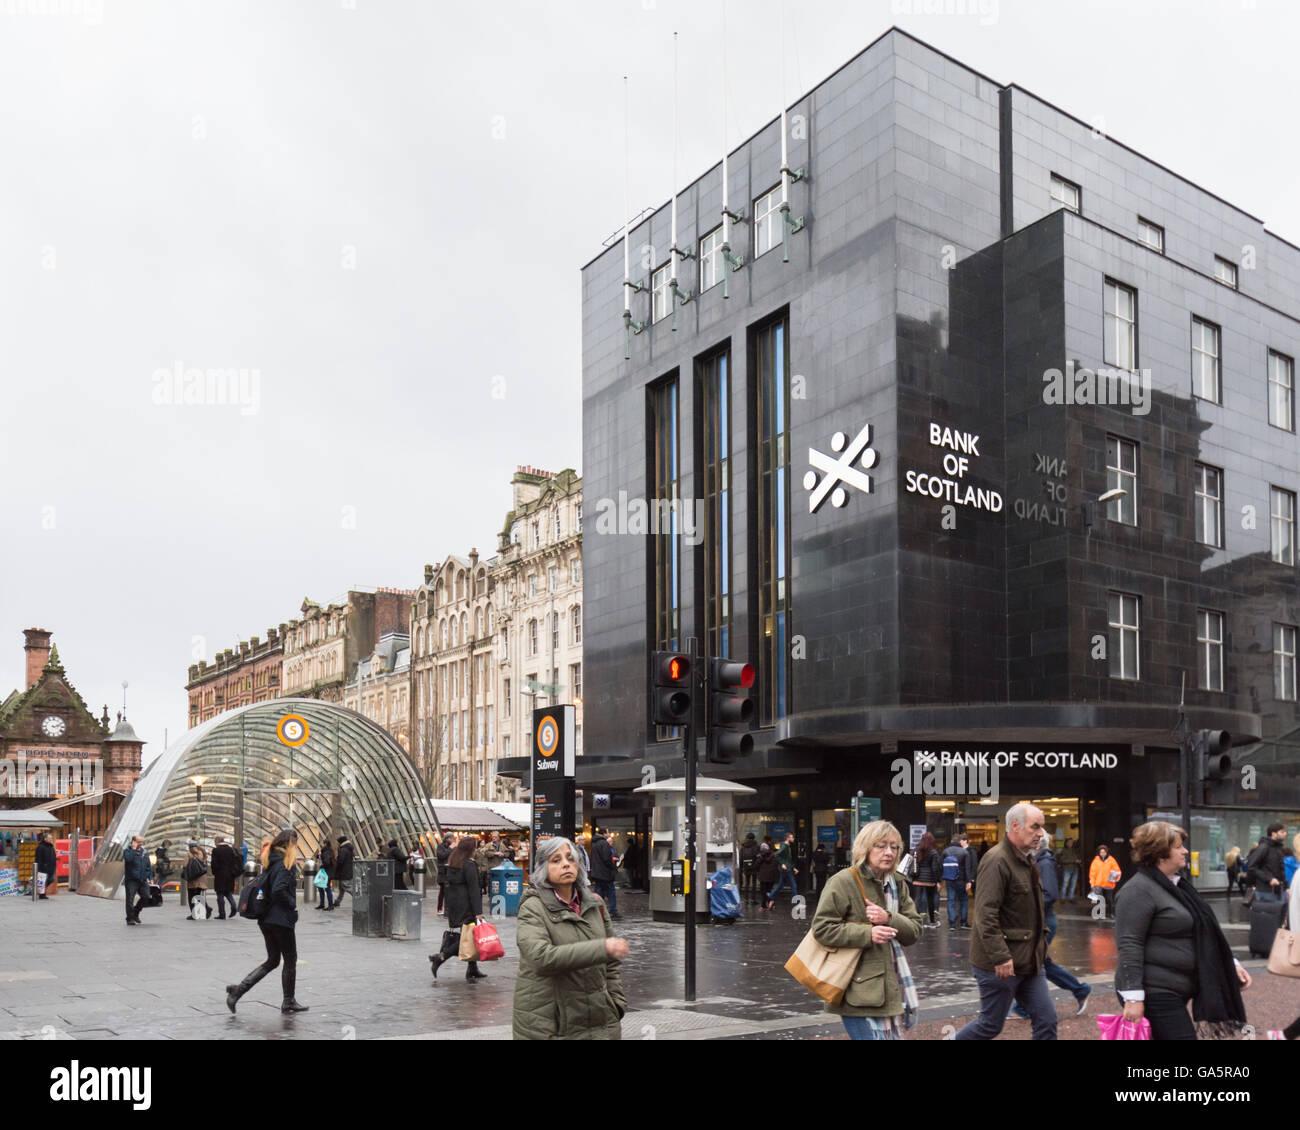 Bank of Scotland, Argyle Street, Glasgow, Scotland, UK Photo Stock